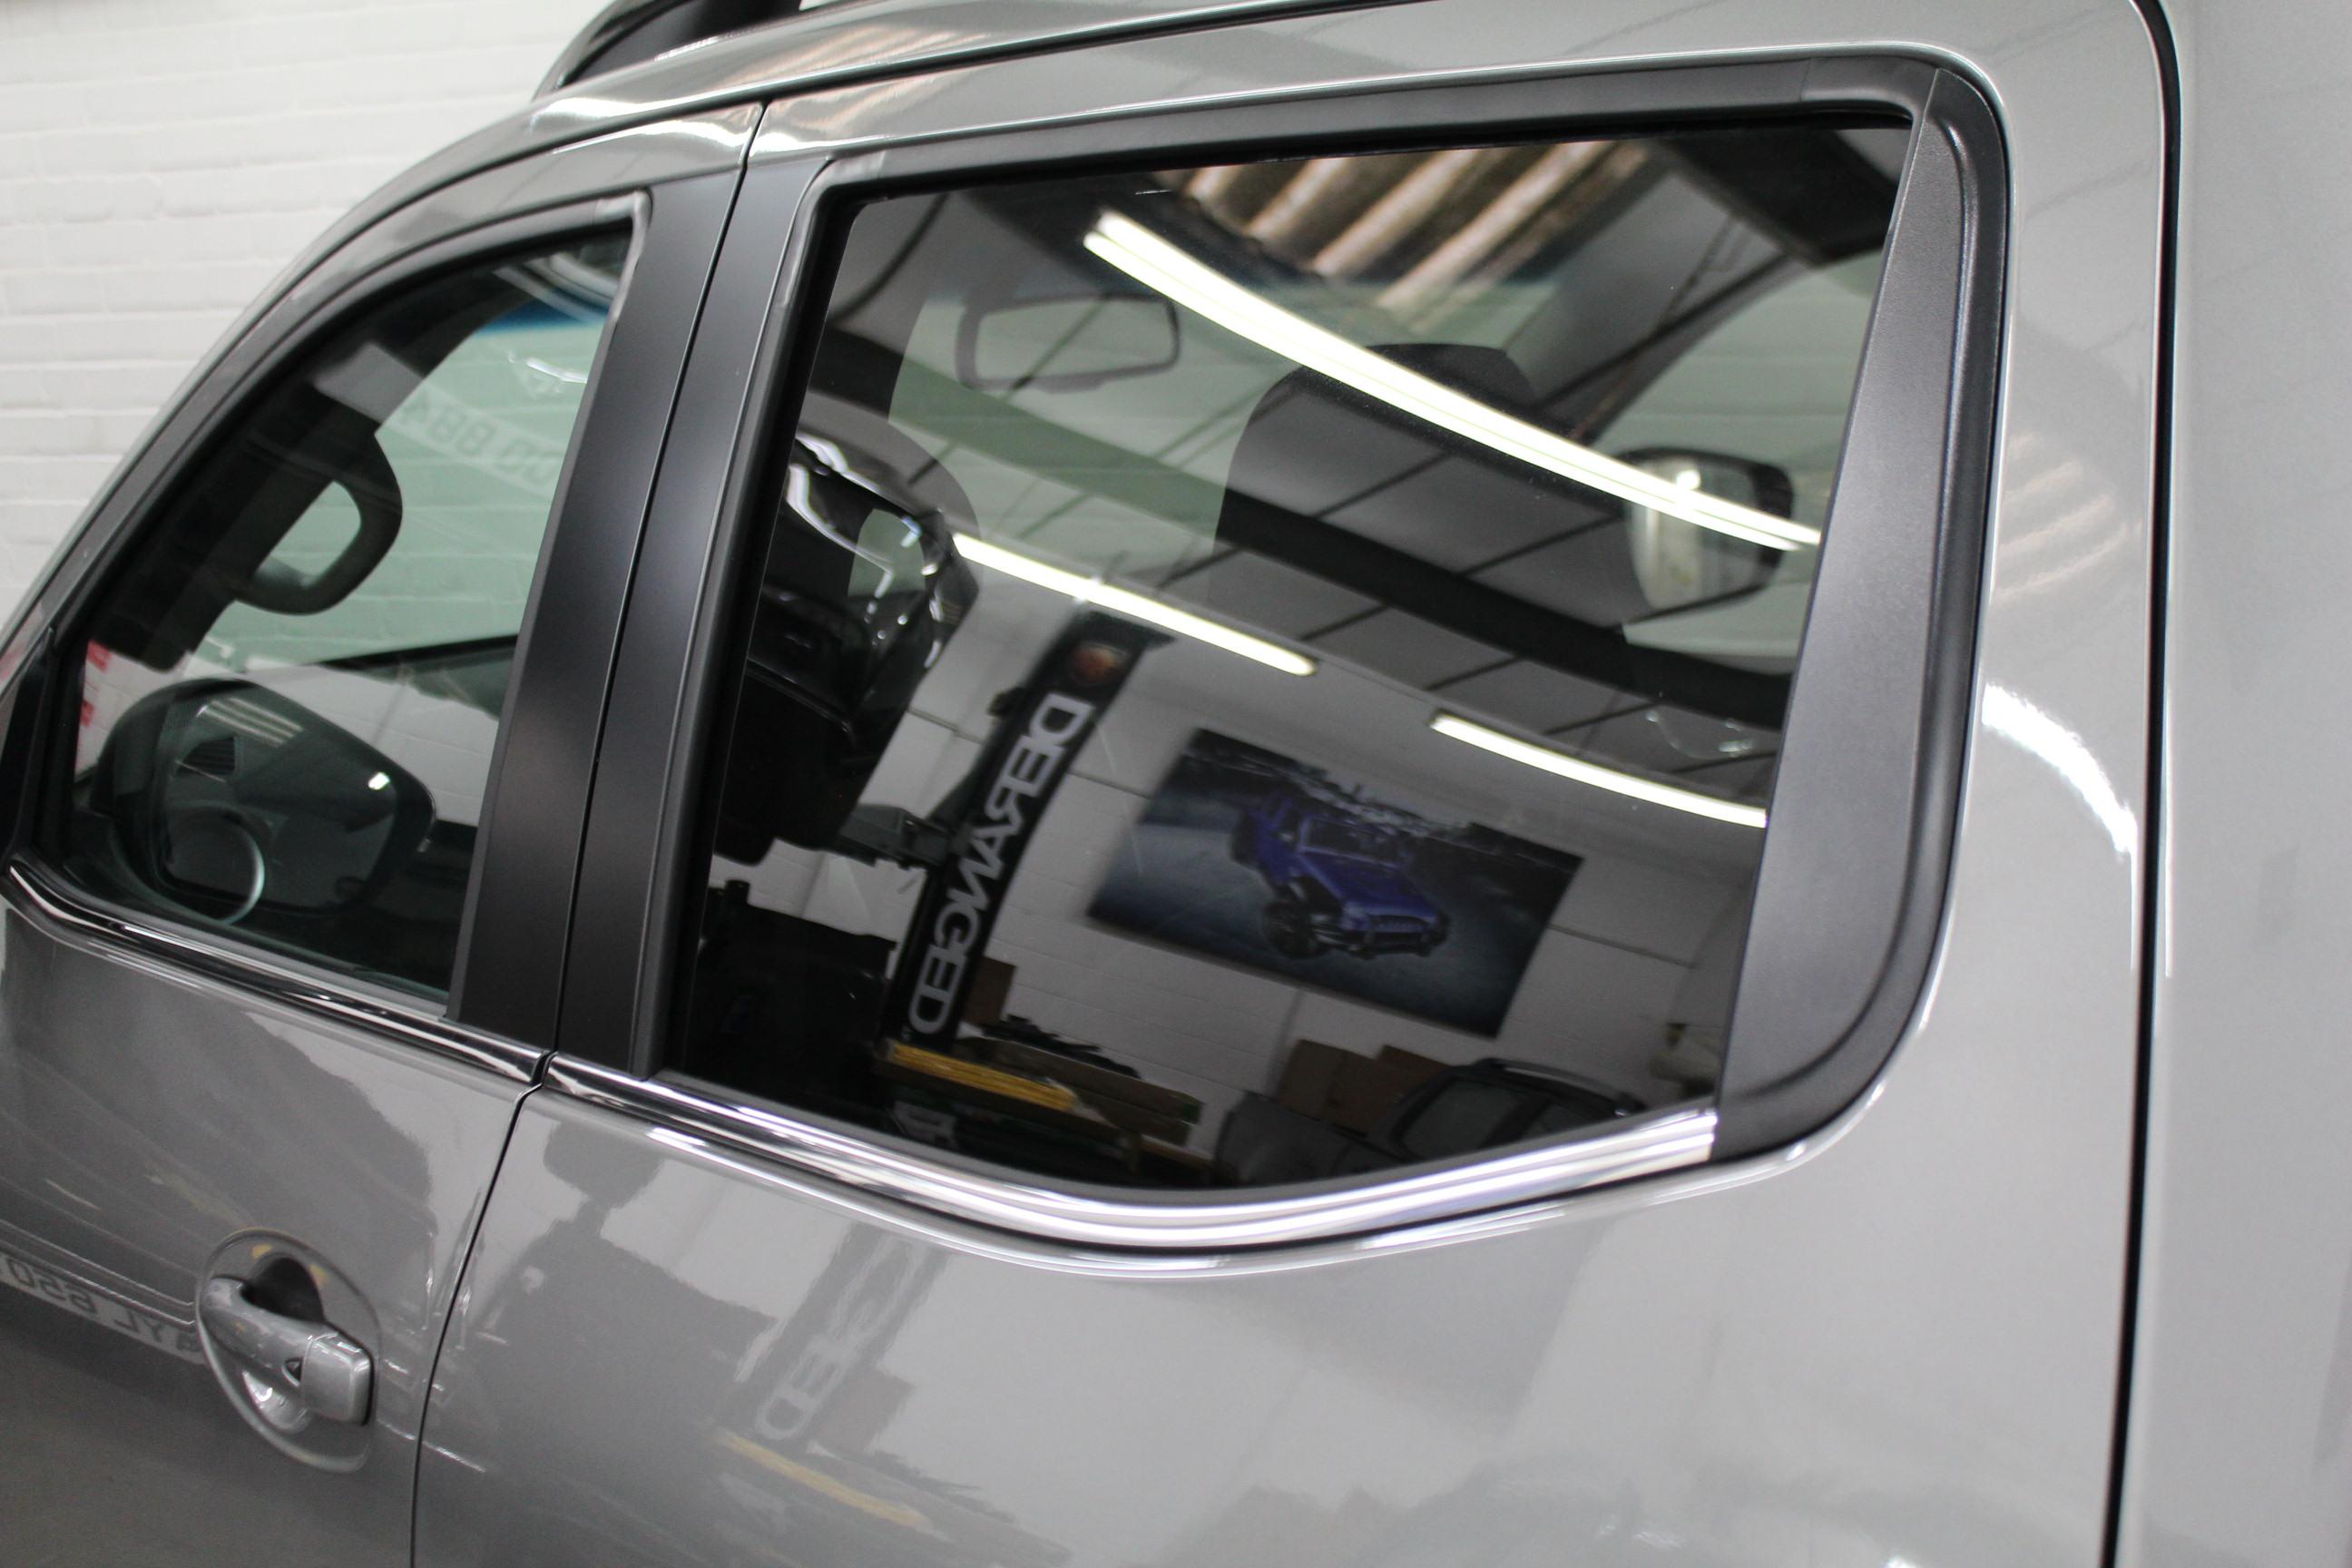 2018 18 Deranged Navara 2 3 Dci Tekna Double Cab Pickup